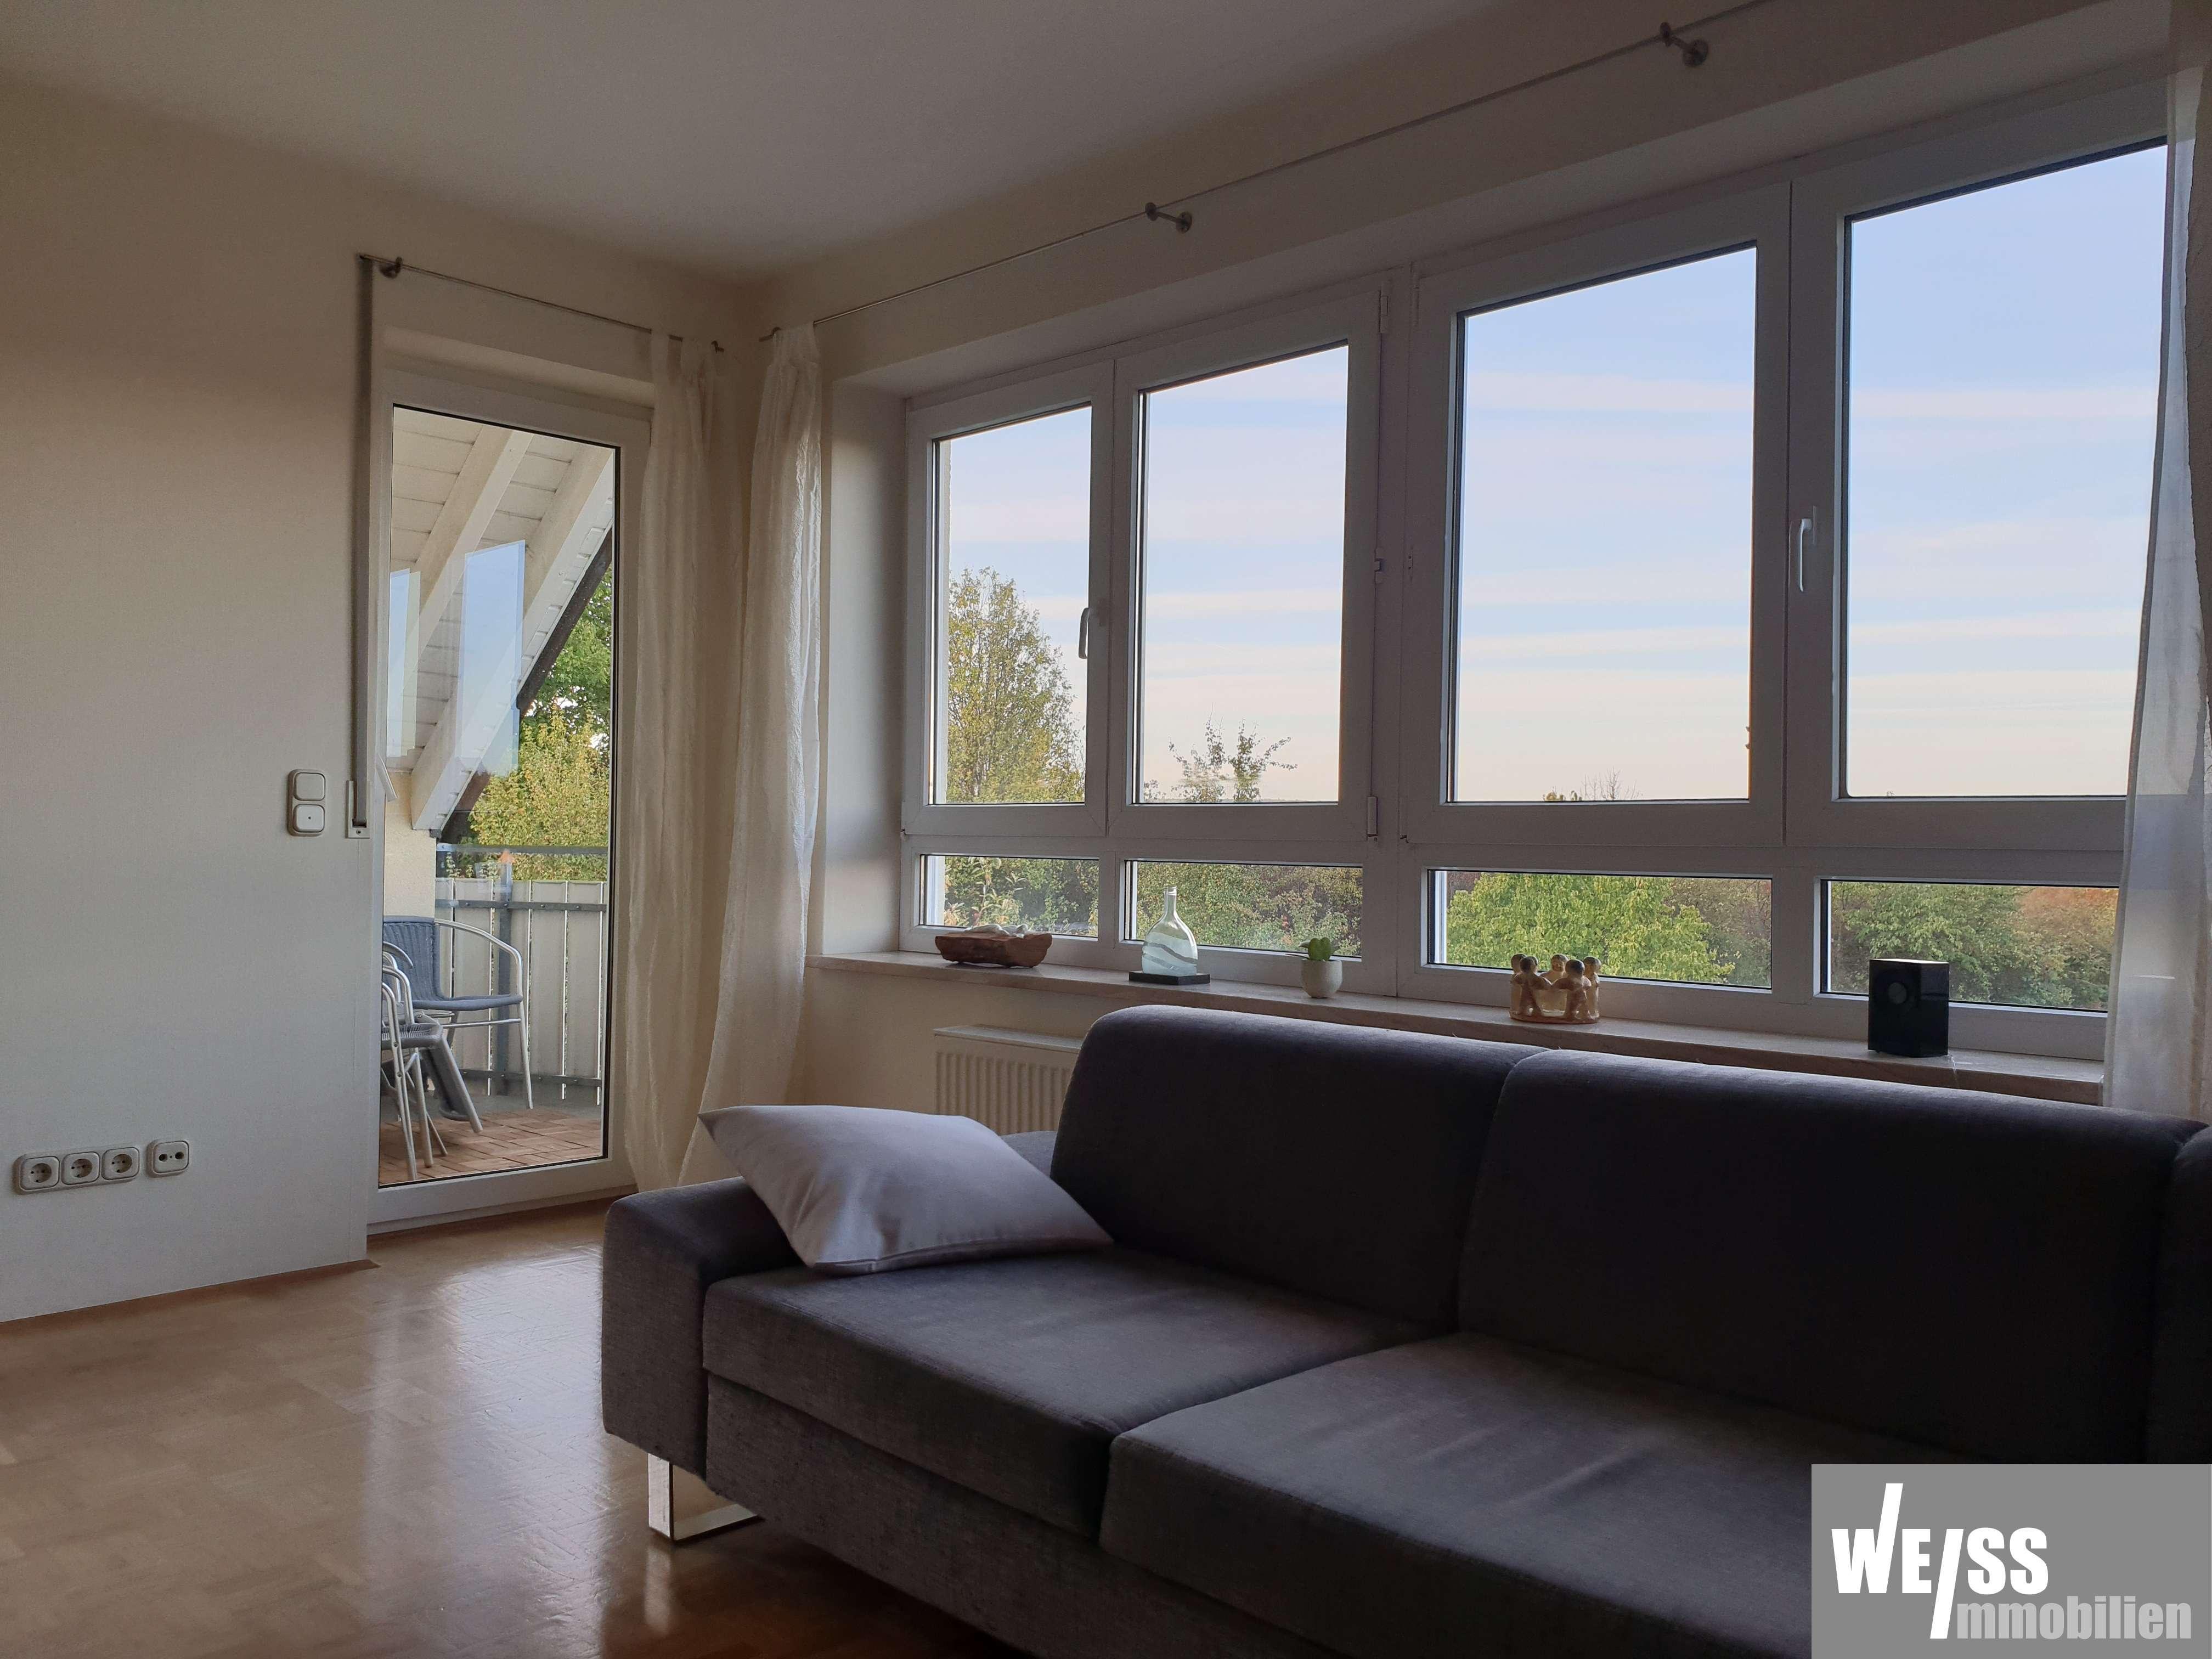 Ruhige,  helle Galerie/Maisonette Wohnung mit schöner Aussicht in